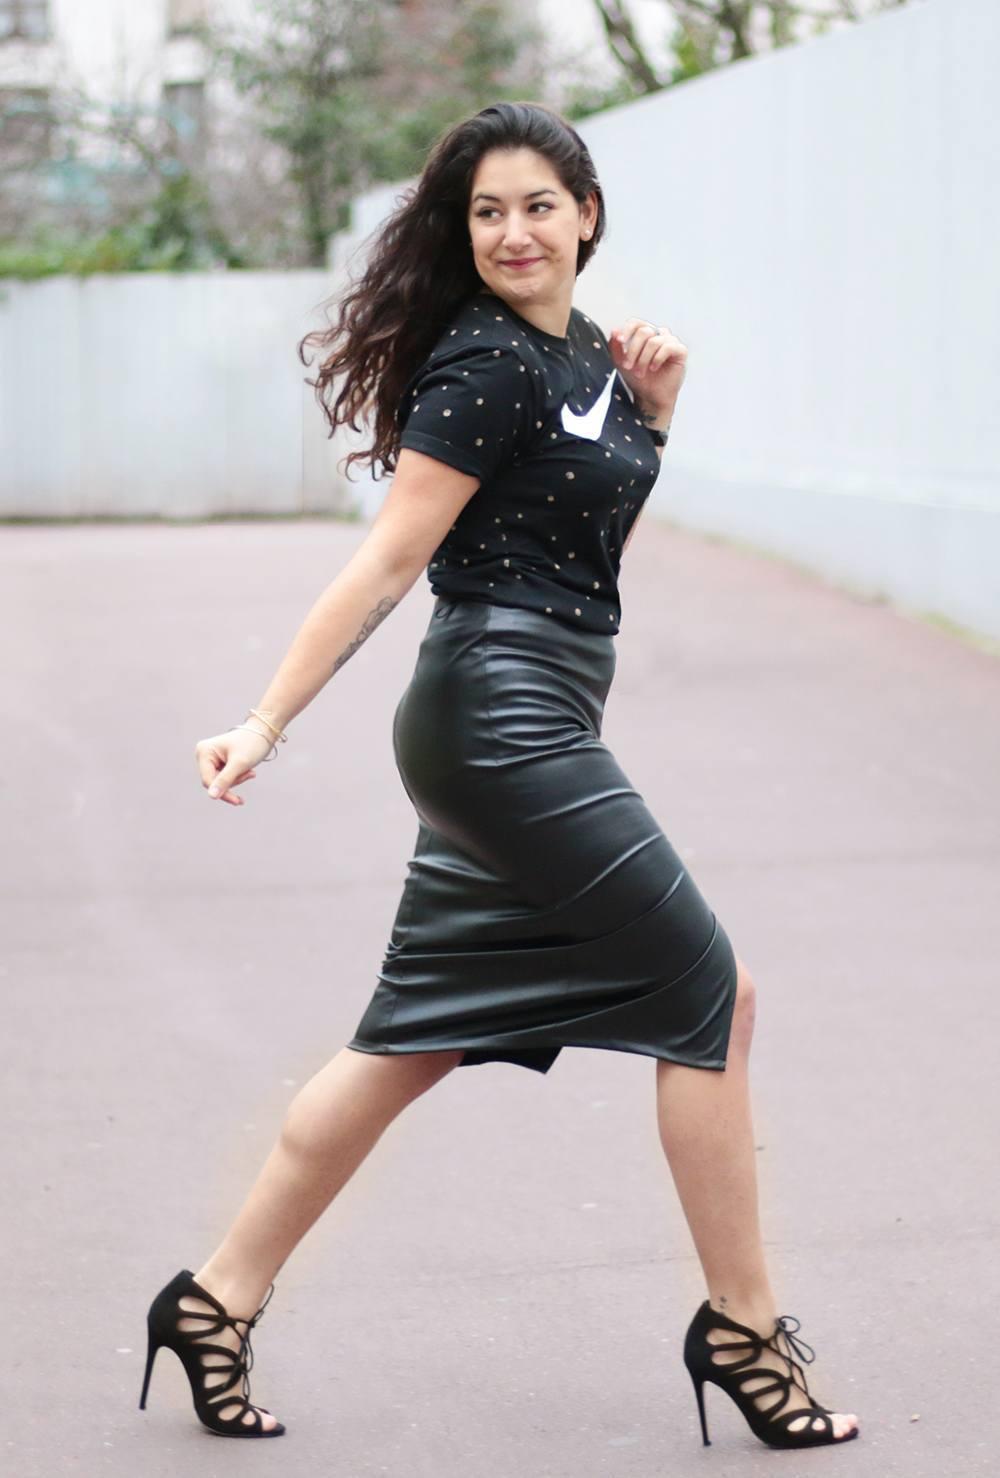 Leather skirt ♡ www.meganvlt.com